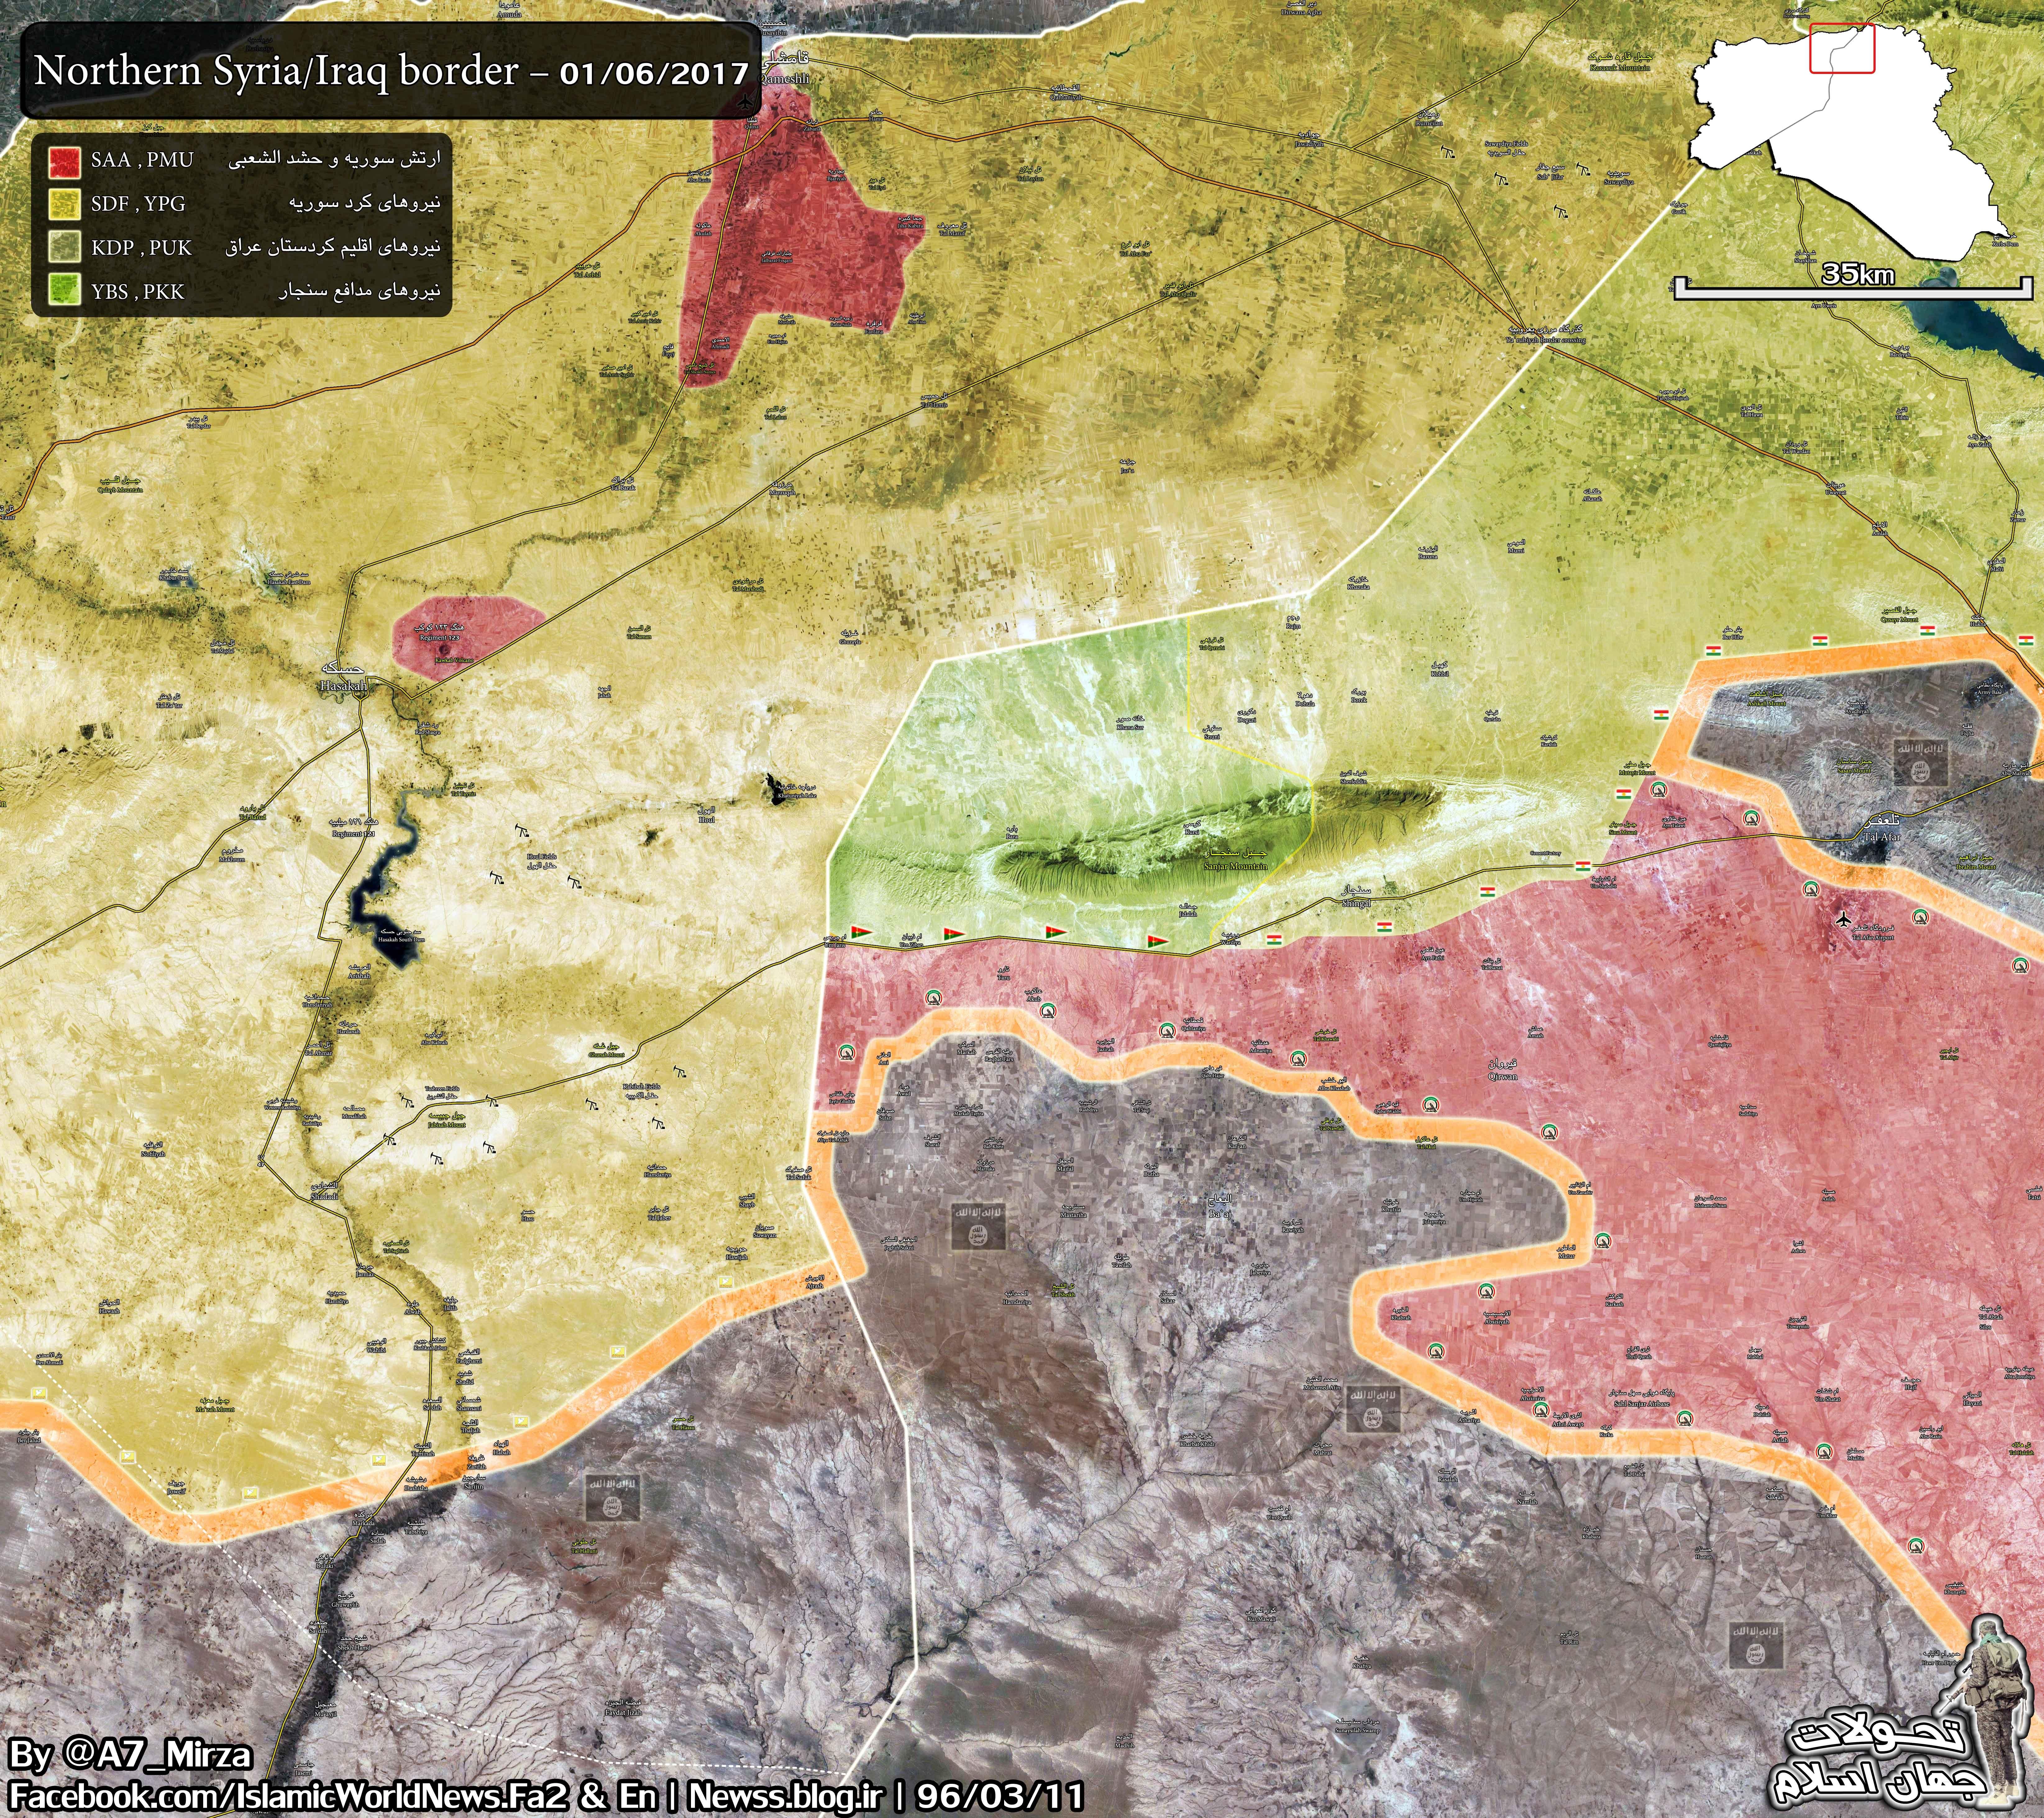 NE-Syria-NW-Iraq-1june2017-11khor96